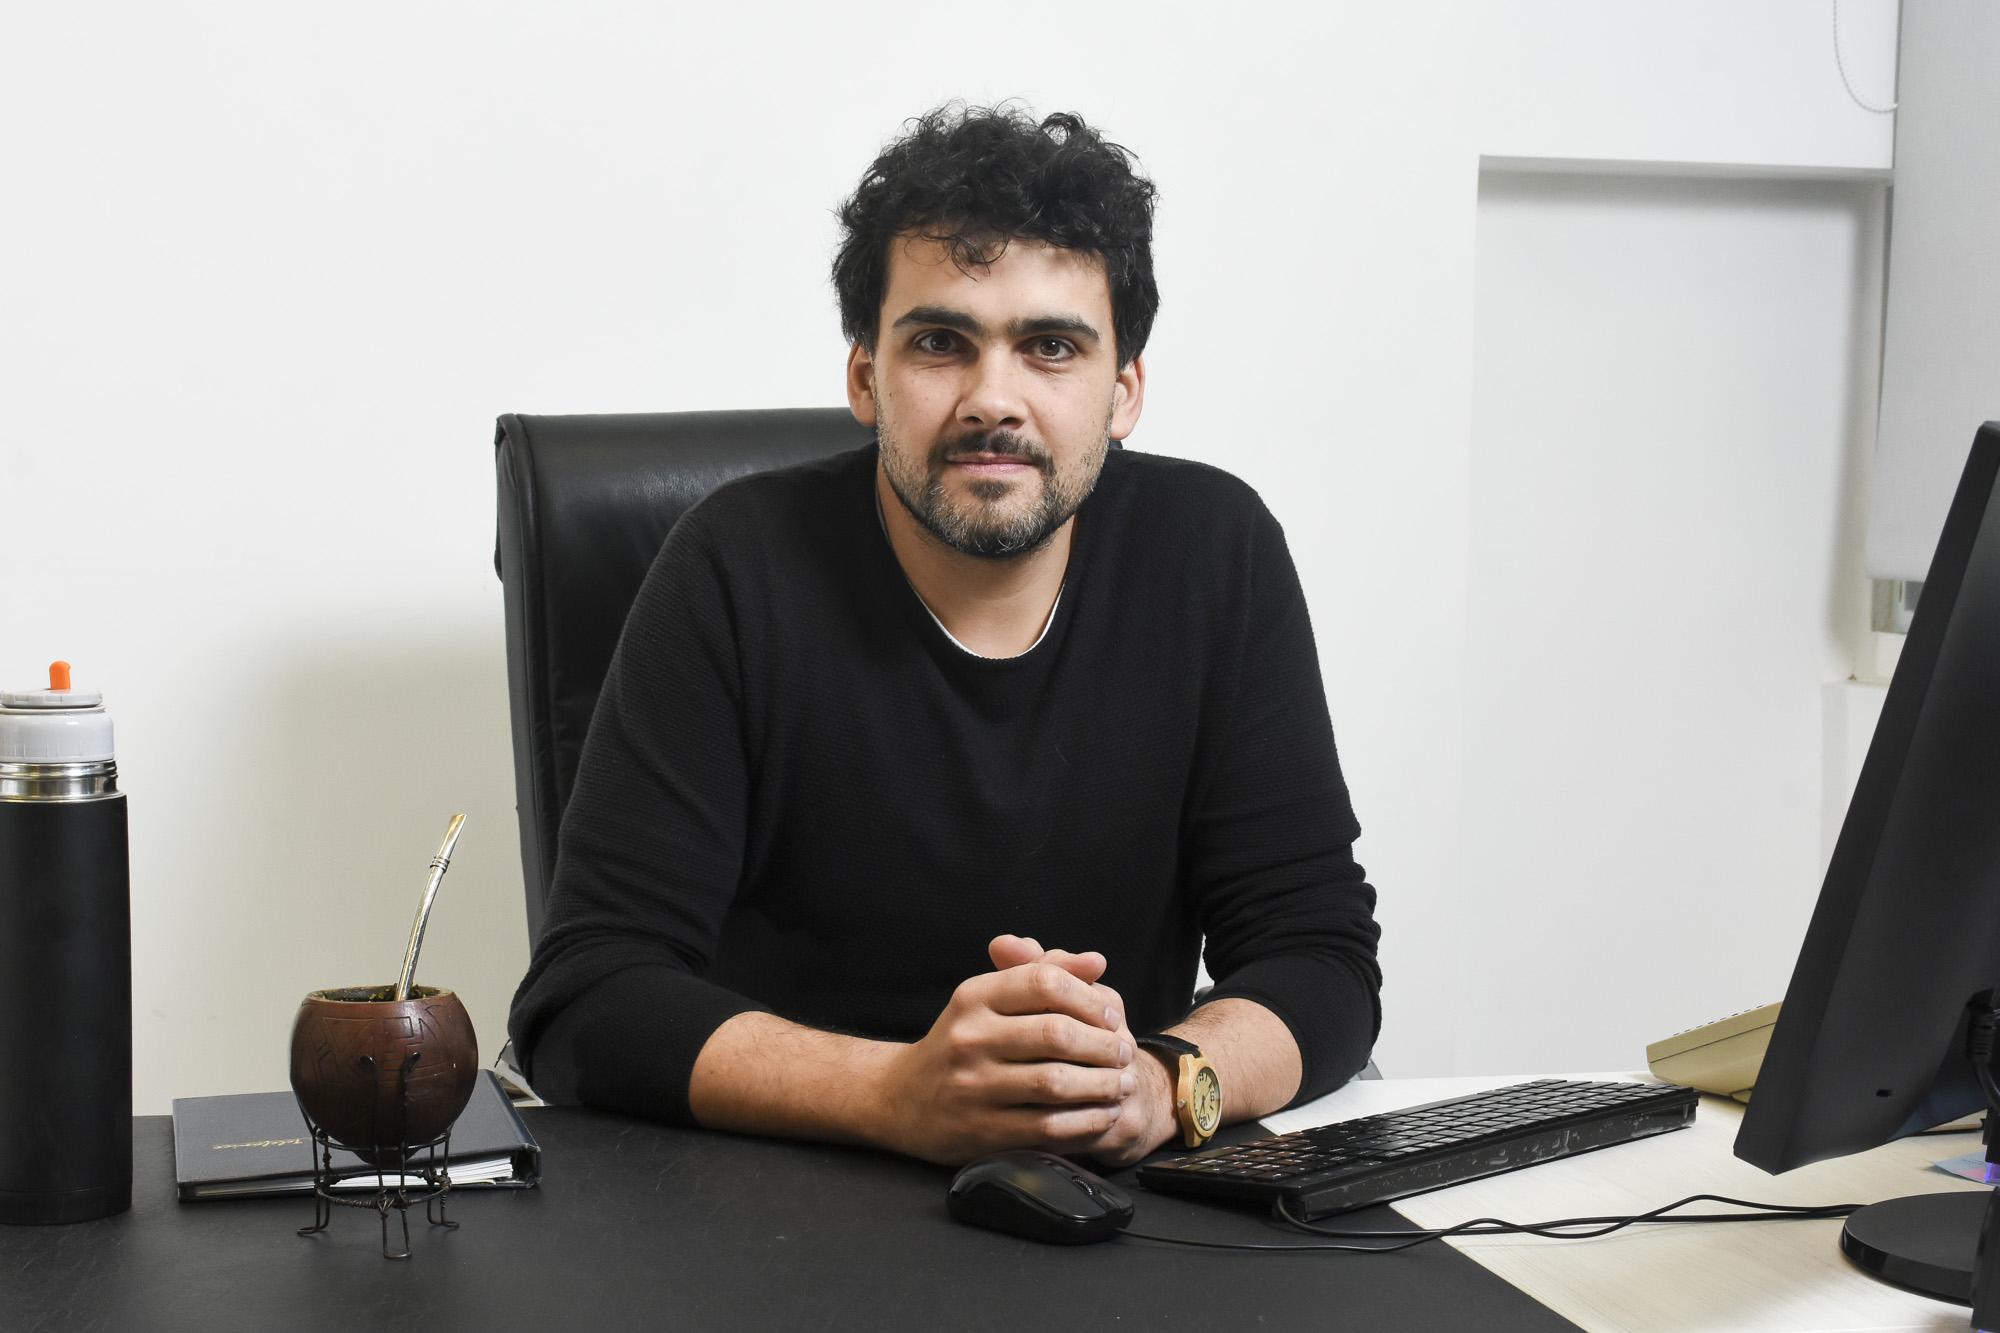 Lautaro Iglesias